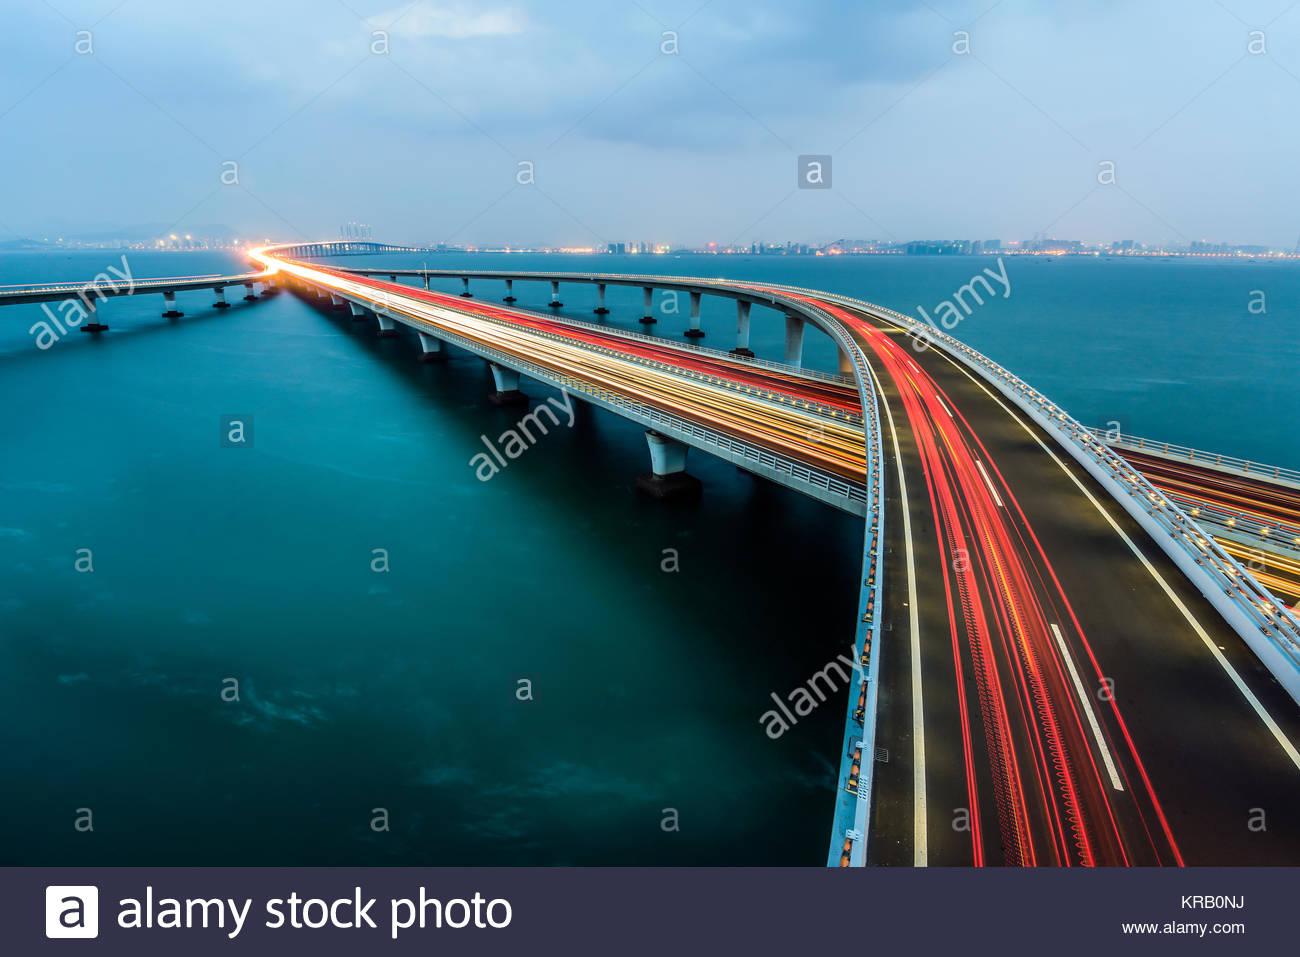 Qingdao Haiwan Bridge Jiaozhou Bay Bridge Stock Photos Amp Jiaozhou Bay Bridge